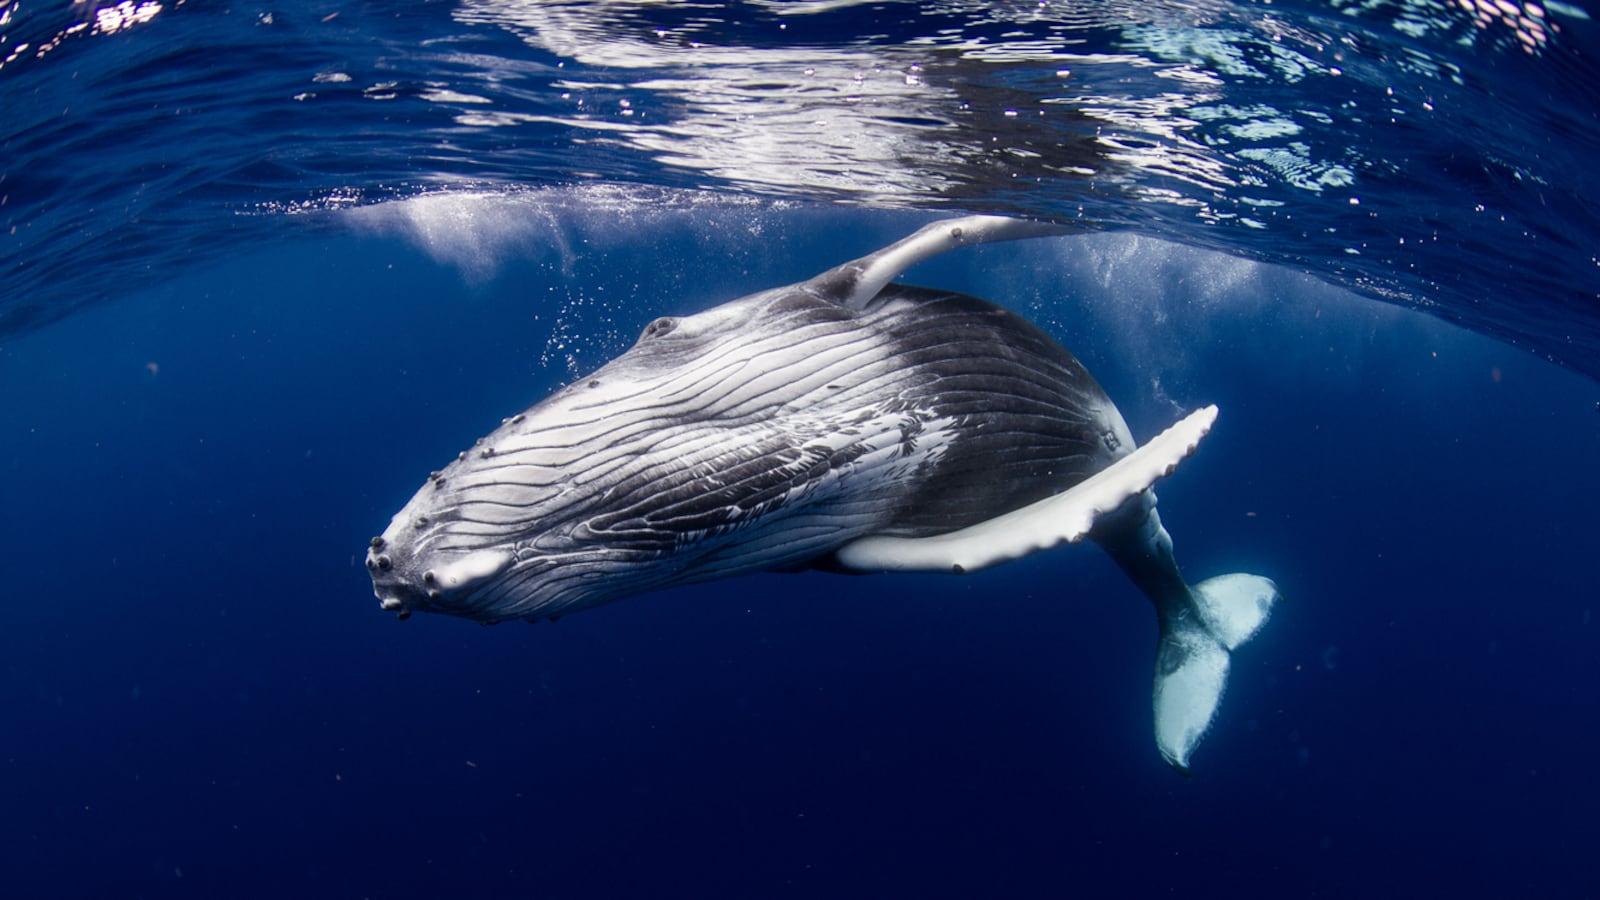 Vue sous-marine de l'immense cétacé.